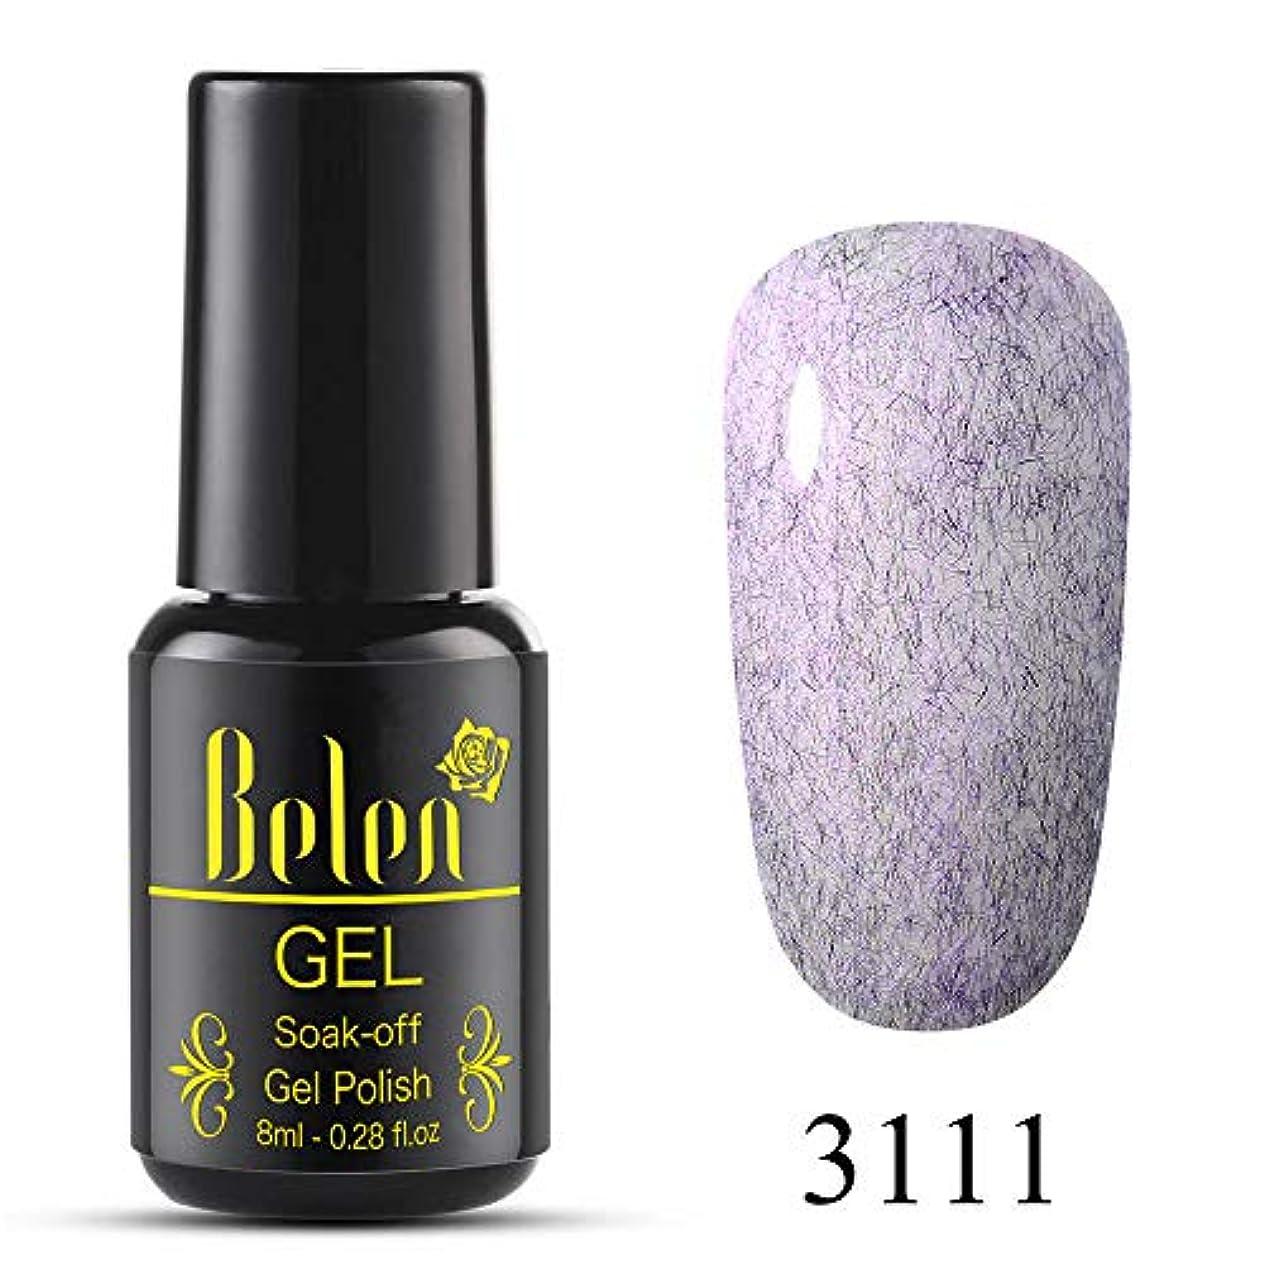 言及する亜熱帯一般的にBelen ジェルネイル カラージェル 貝殻毛皮系 1色入り 8ml【全12色選択可】